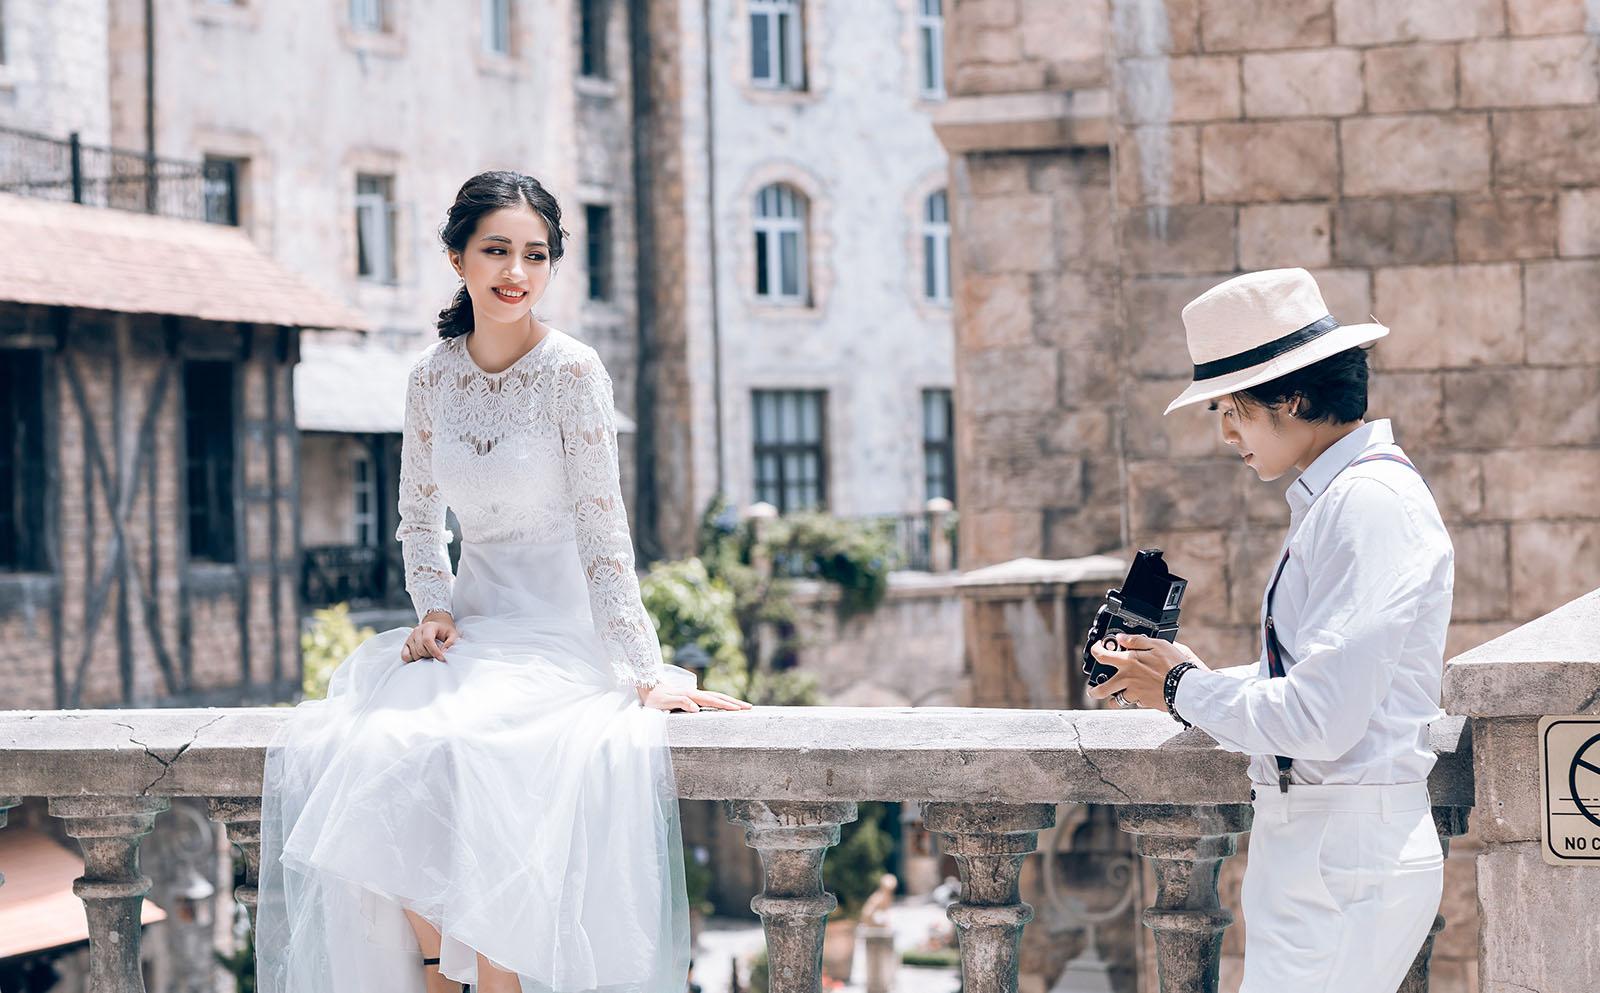 Chia sẻ kinh nghiệm chụp ảnh cưới ở Đà Nẵng – Hội An dành cho cặp đôi